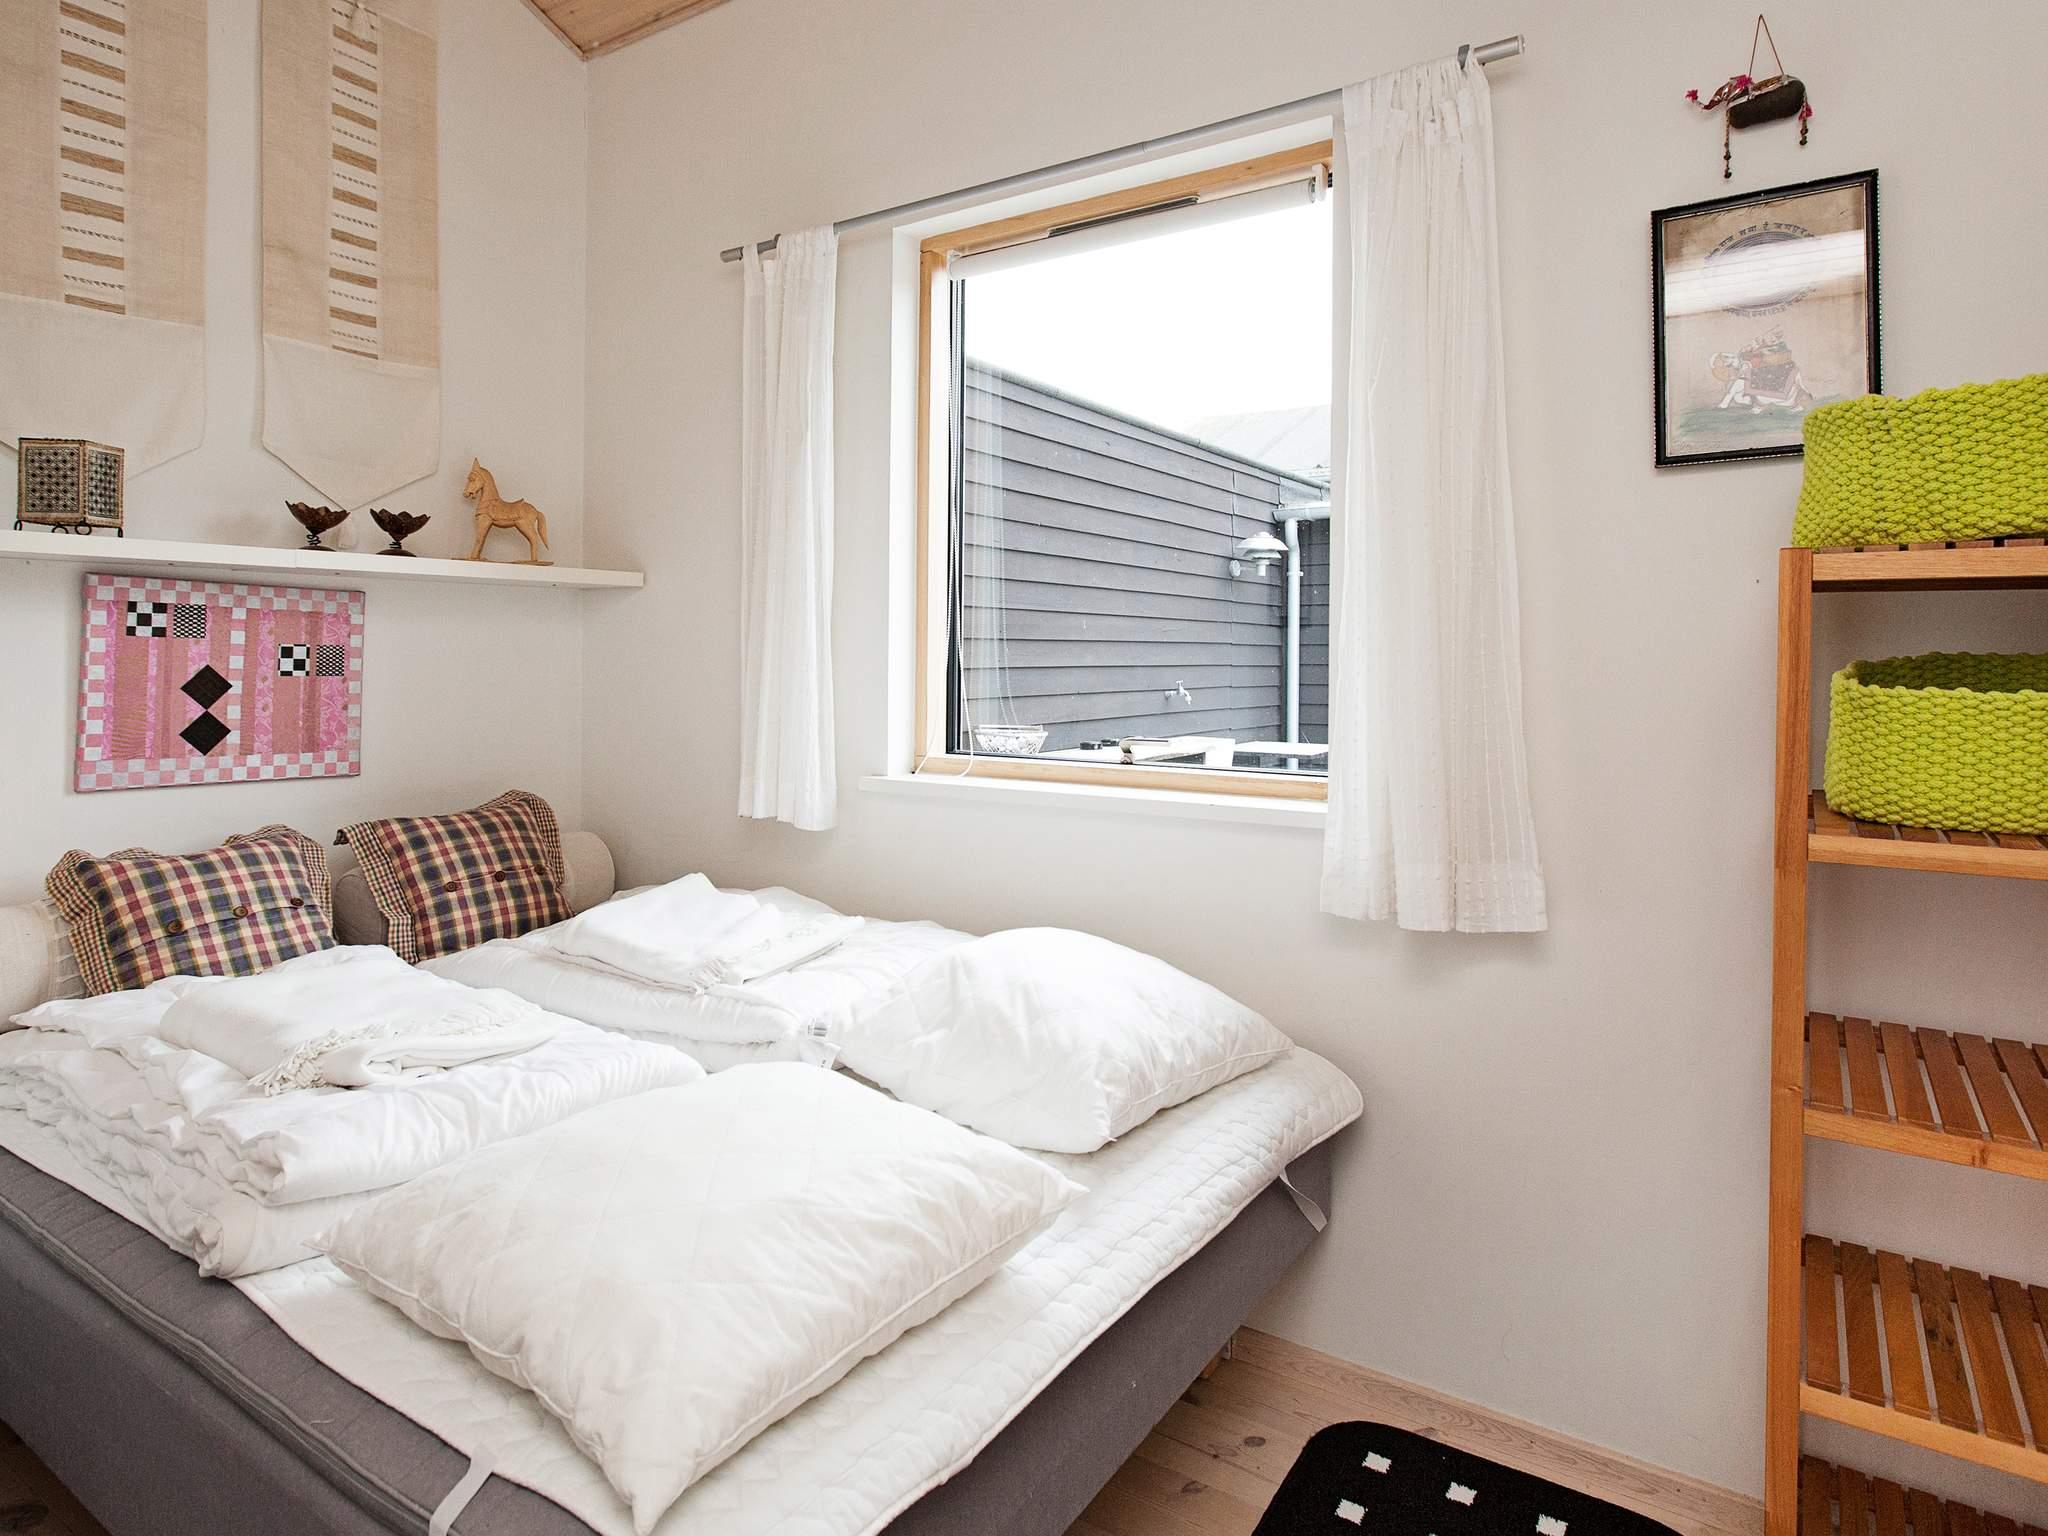 Ferienhaus Ulvshale (216908), Stege, , Møn, Dänemark, Bild 10